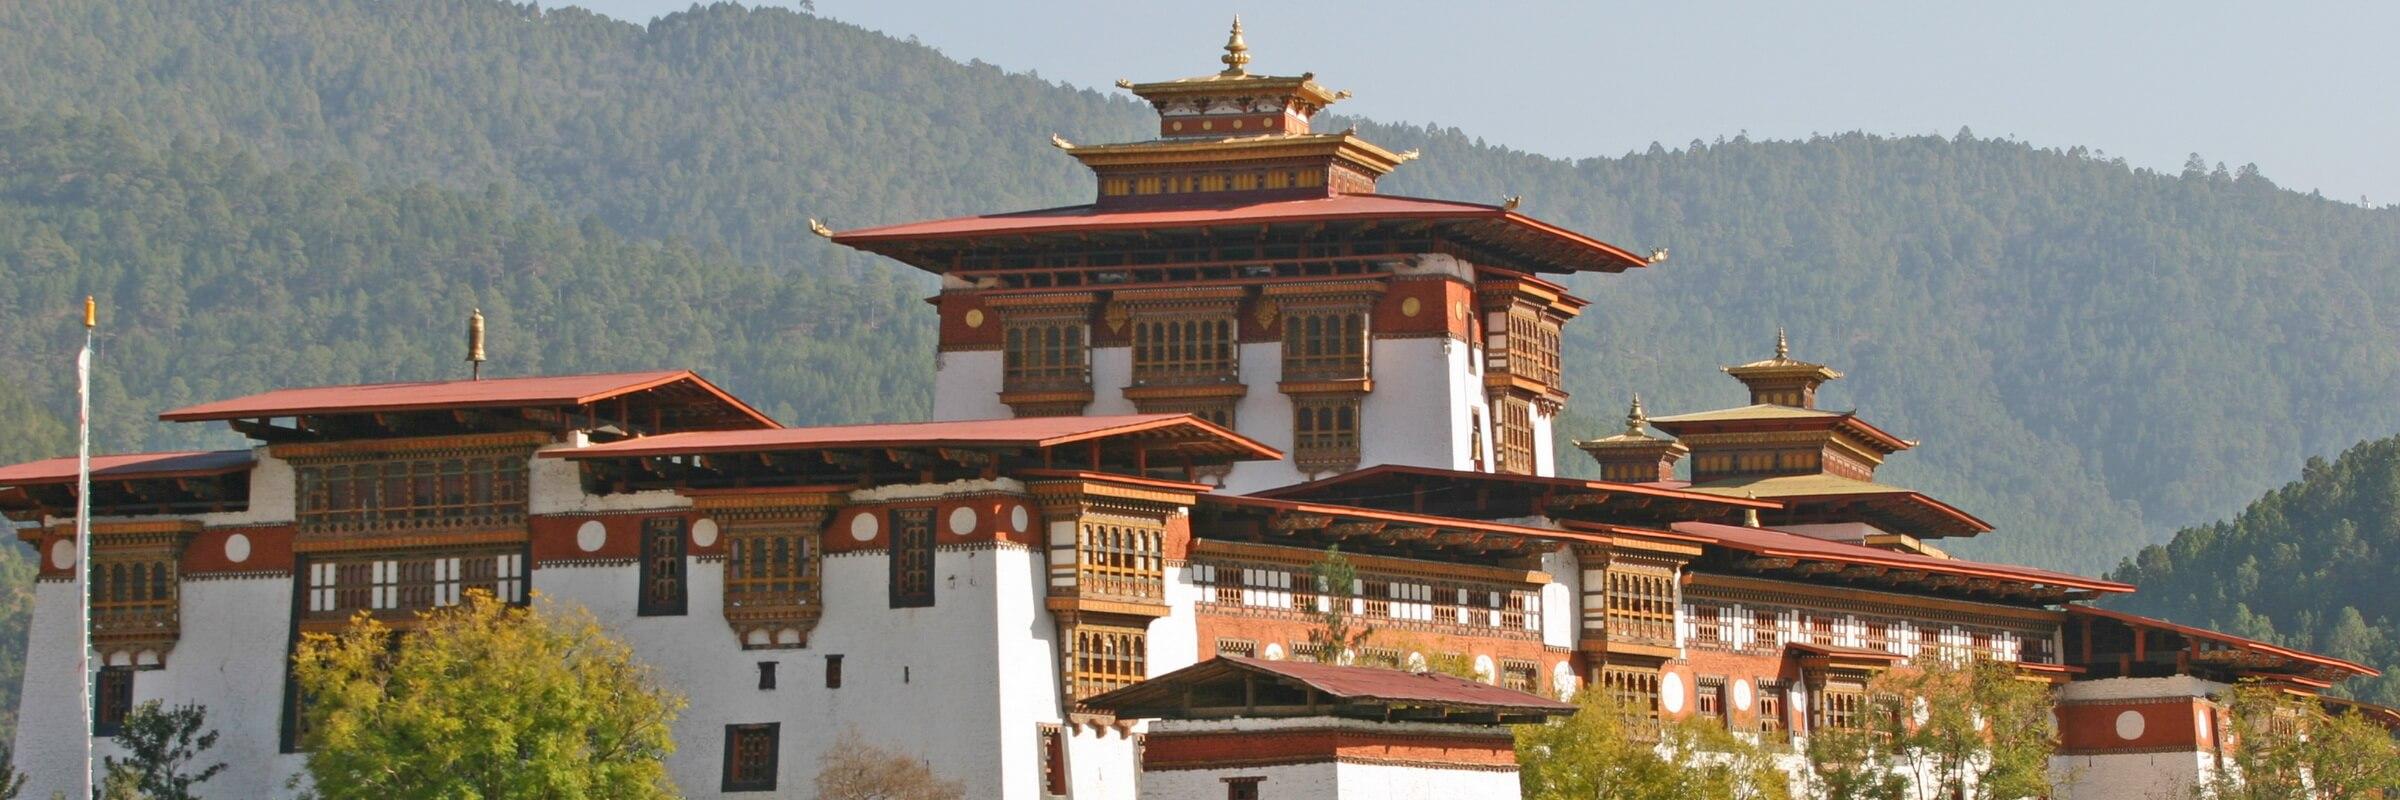 Im Gegensatz zu den anderen Klosterburgen in Bhutan liegt der Punakha Dzong nicht auf einer Hügelkuppe oder Anhöhe, sondern inmitten des Punakha-Wangdue-Tals.